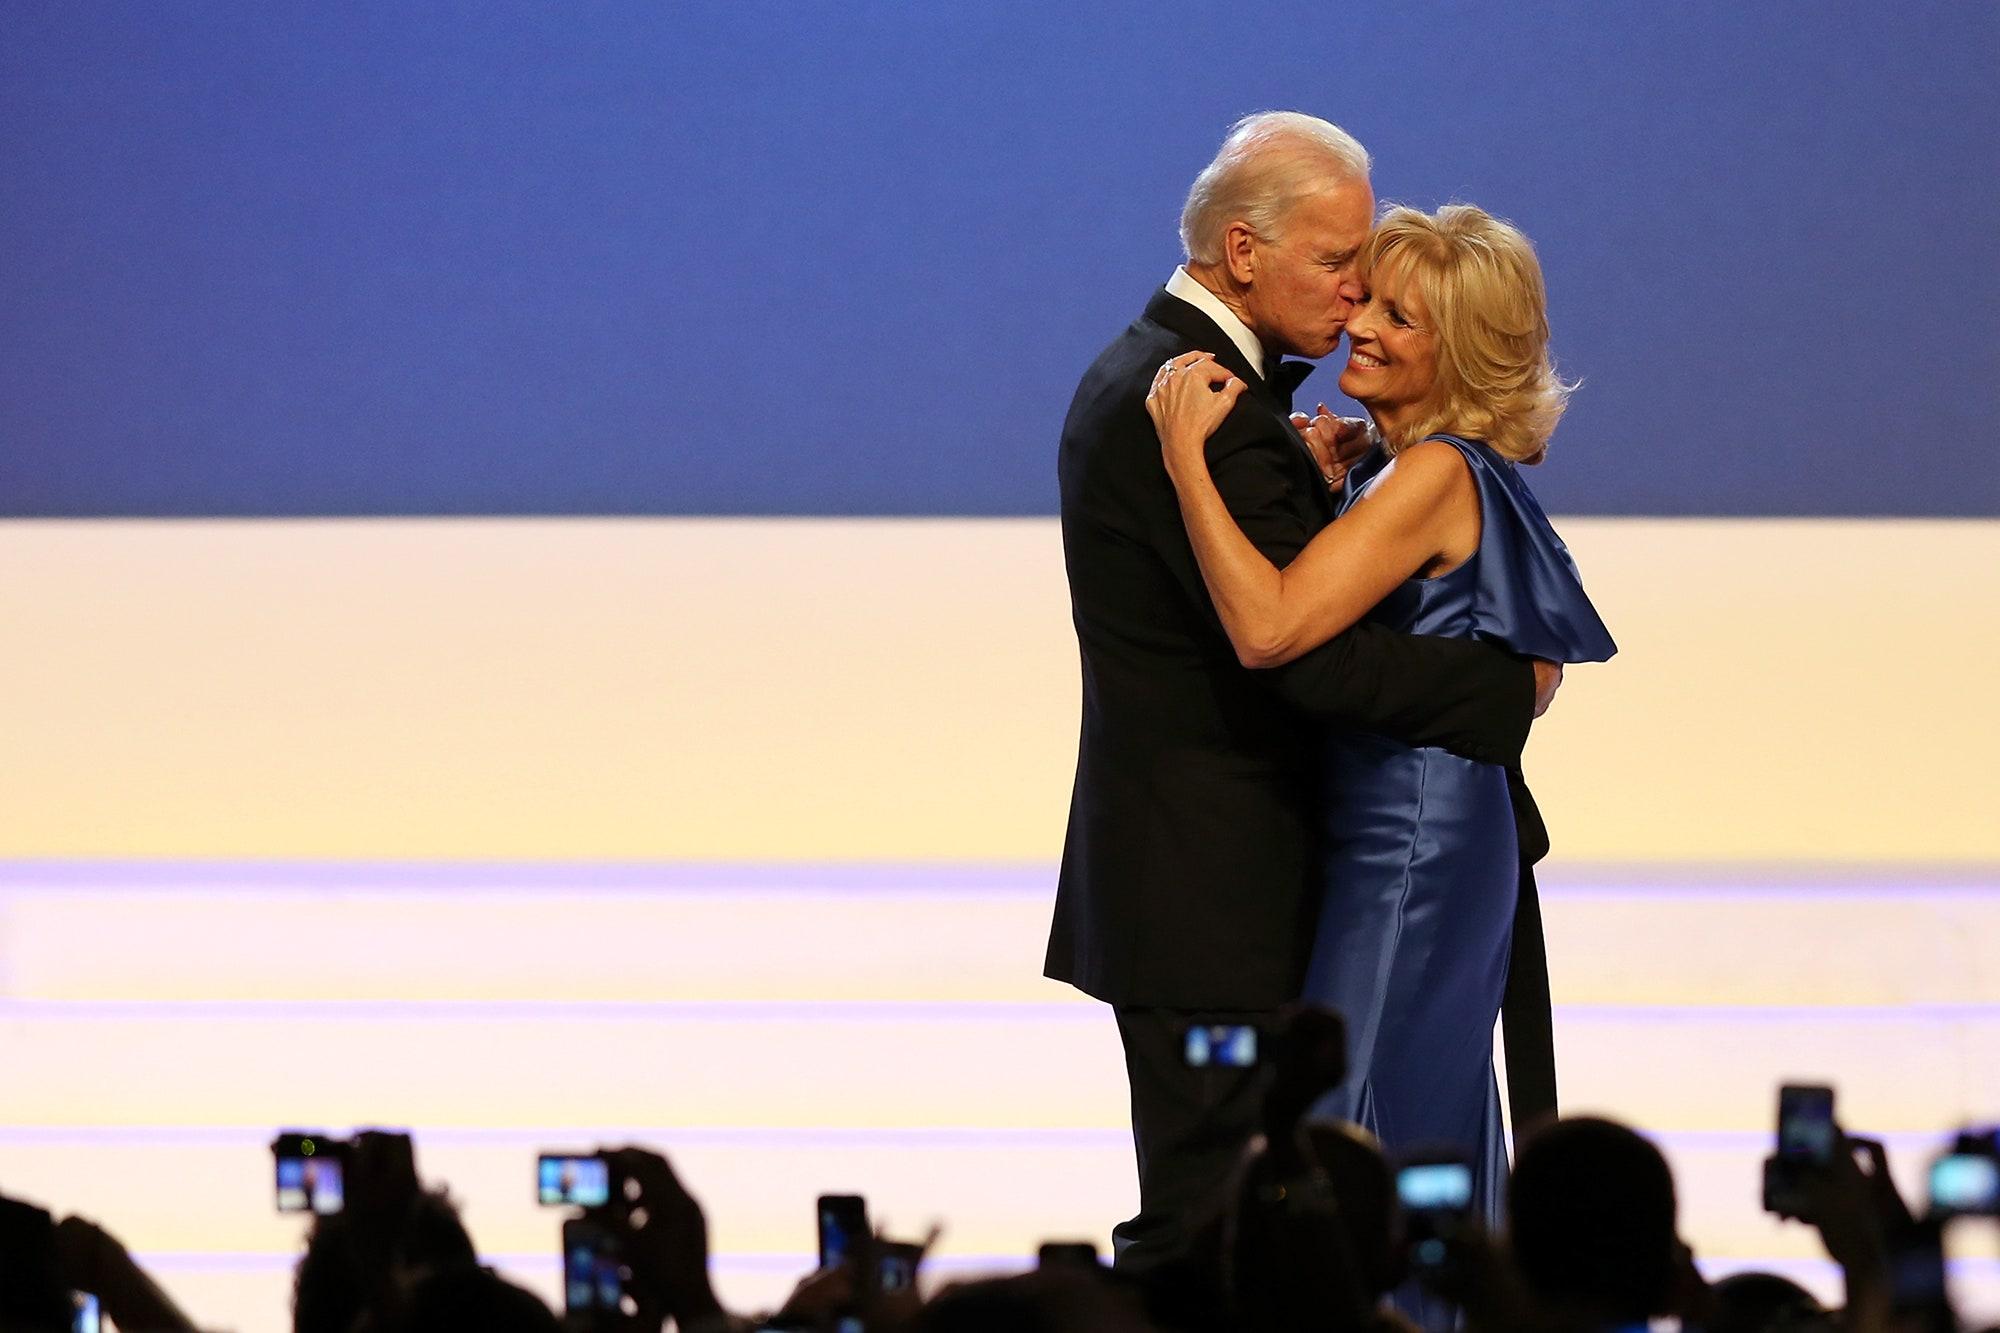 """Ông Joe Biden và chuyện tình sau """"đống đổ nát của những mất mát"""" với người vợ chung sống 43 năm - Ảnh 1"""